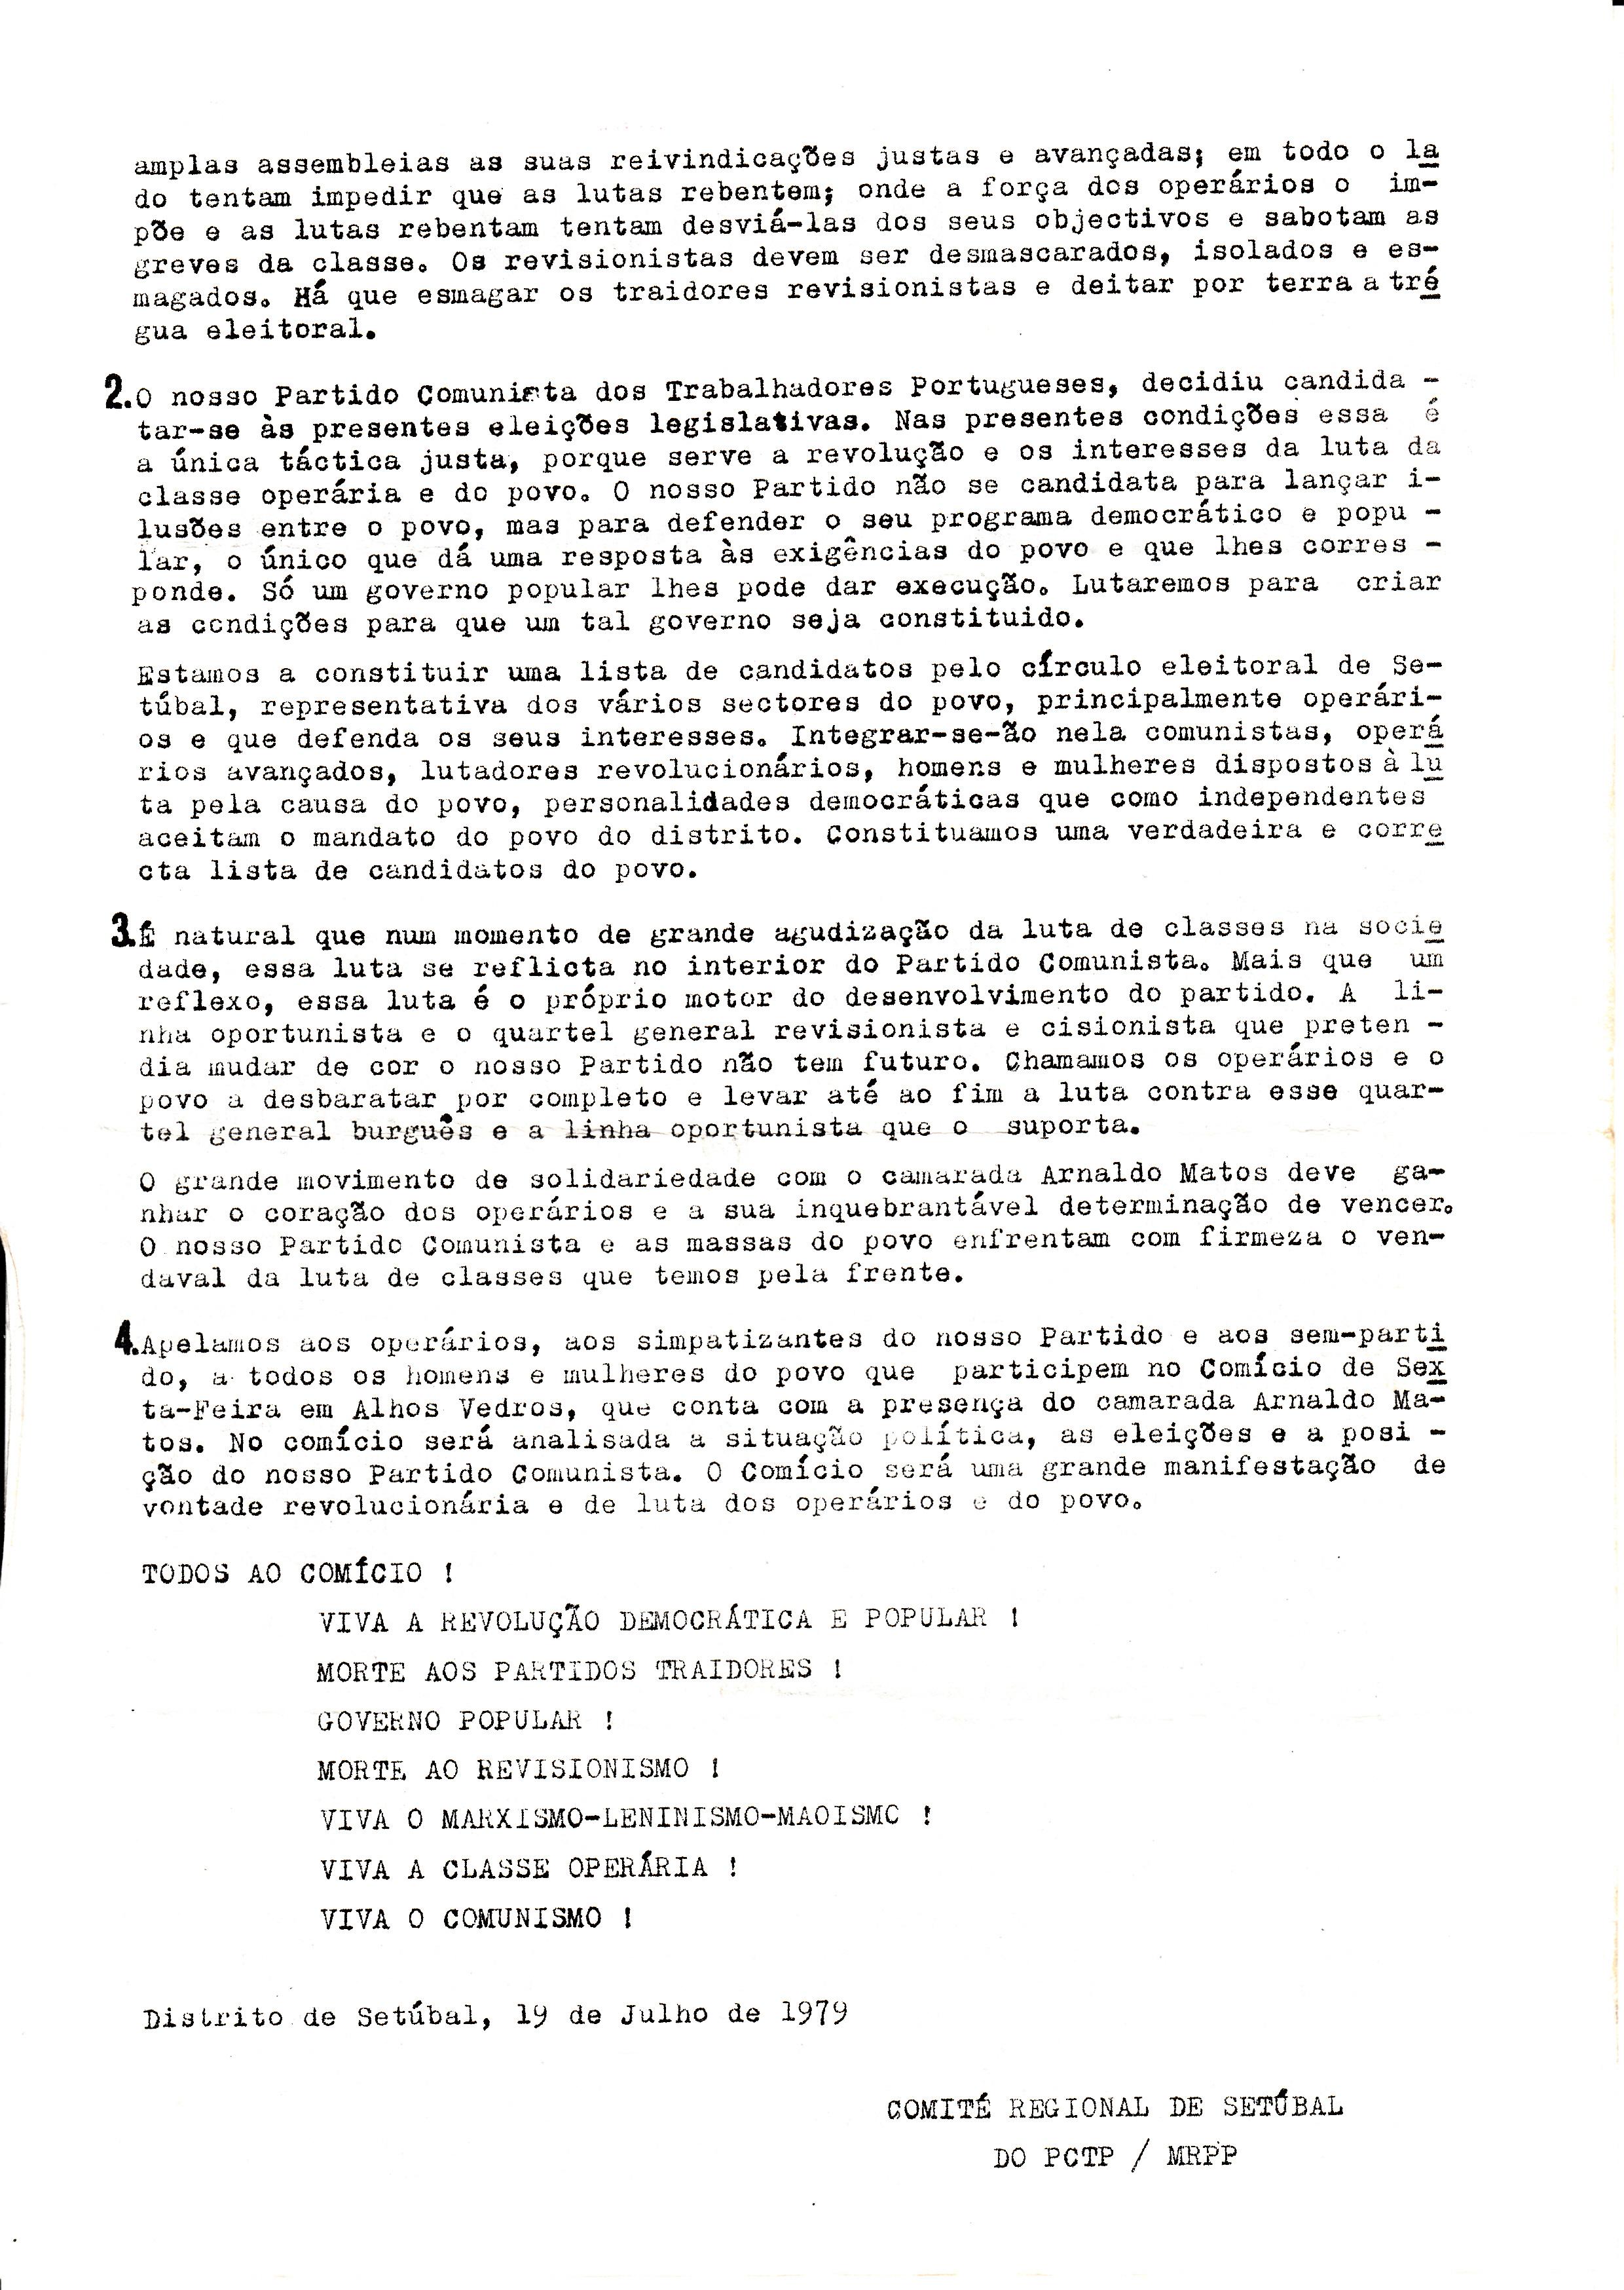 MRPP_1979_07_19_0002